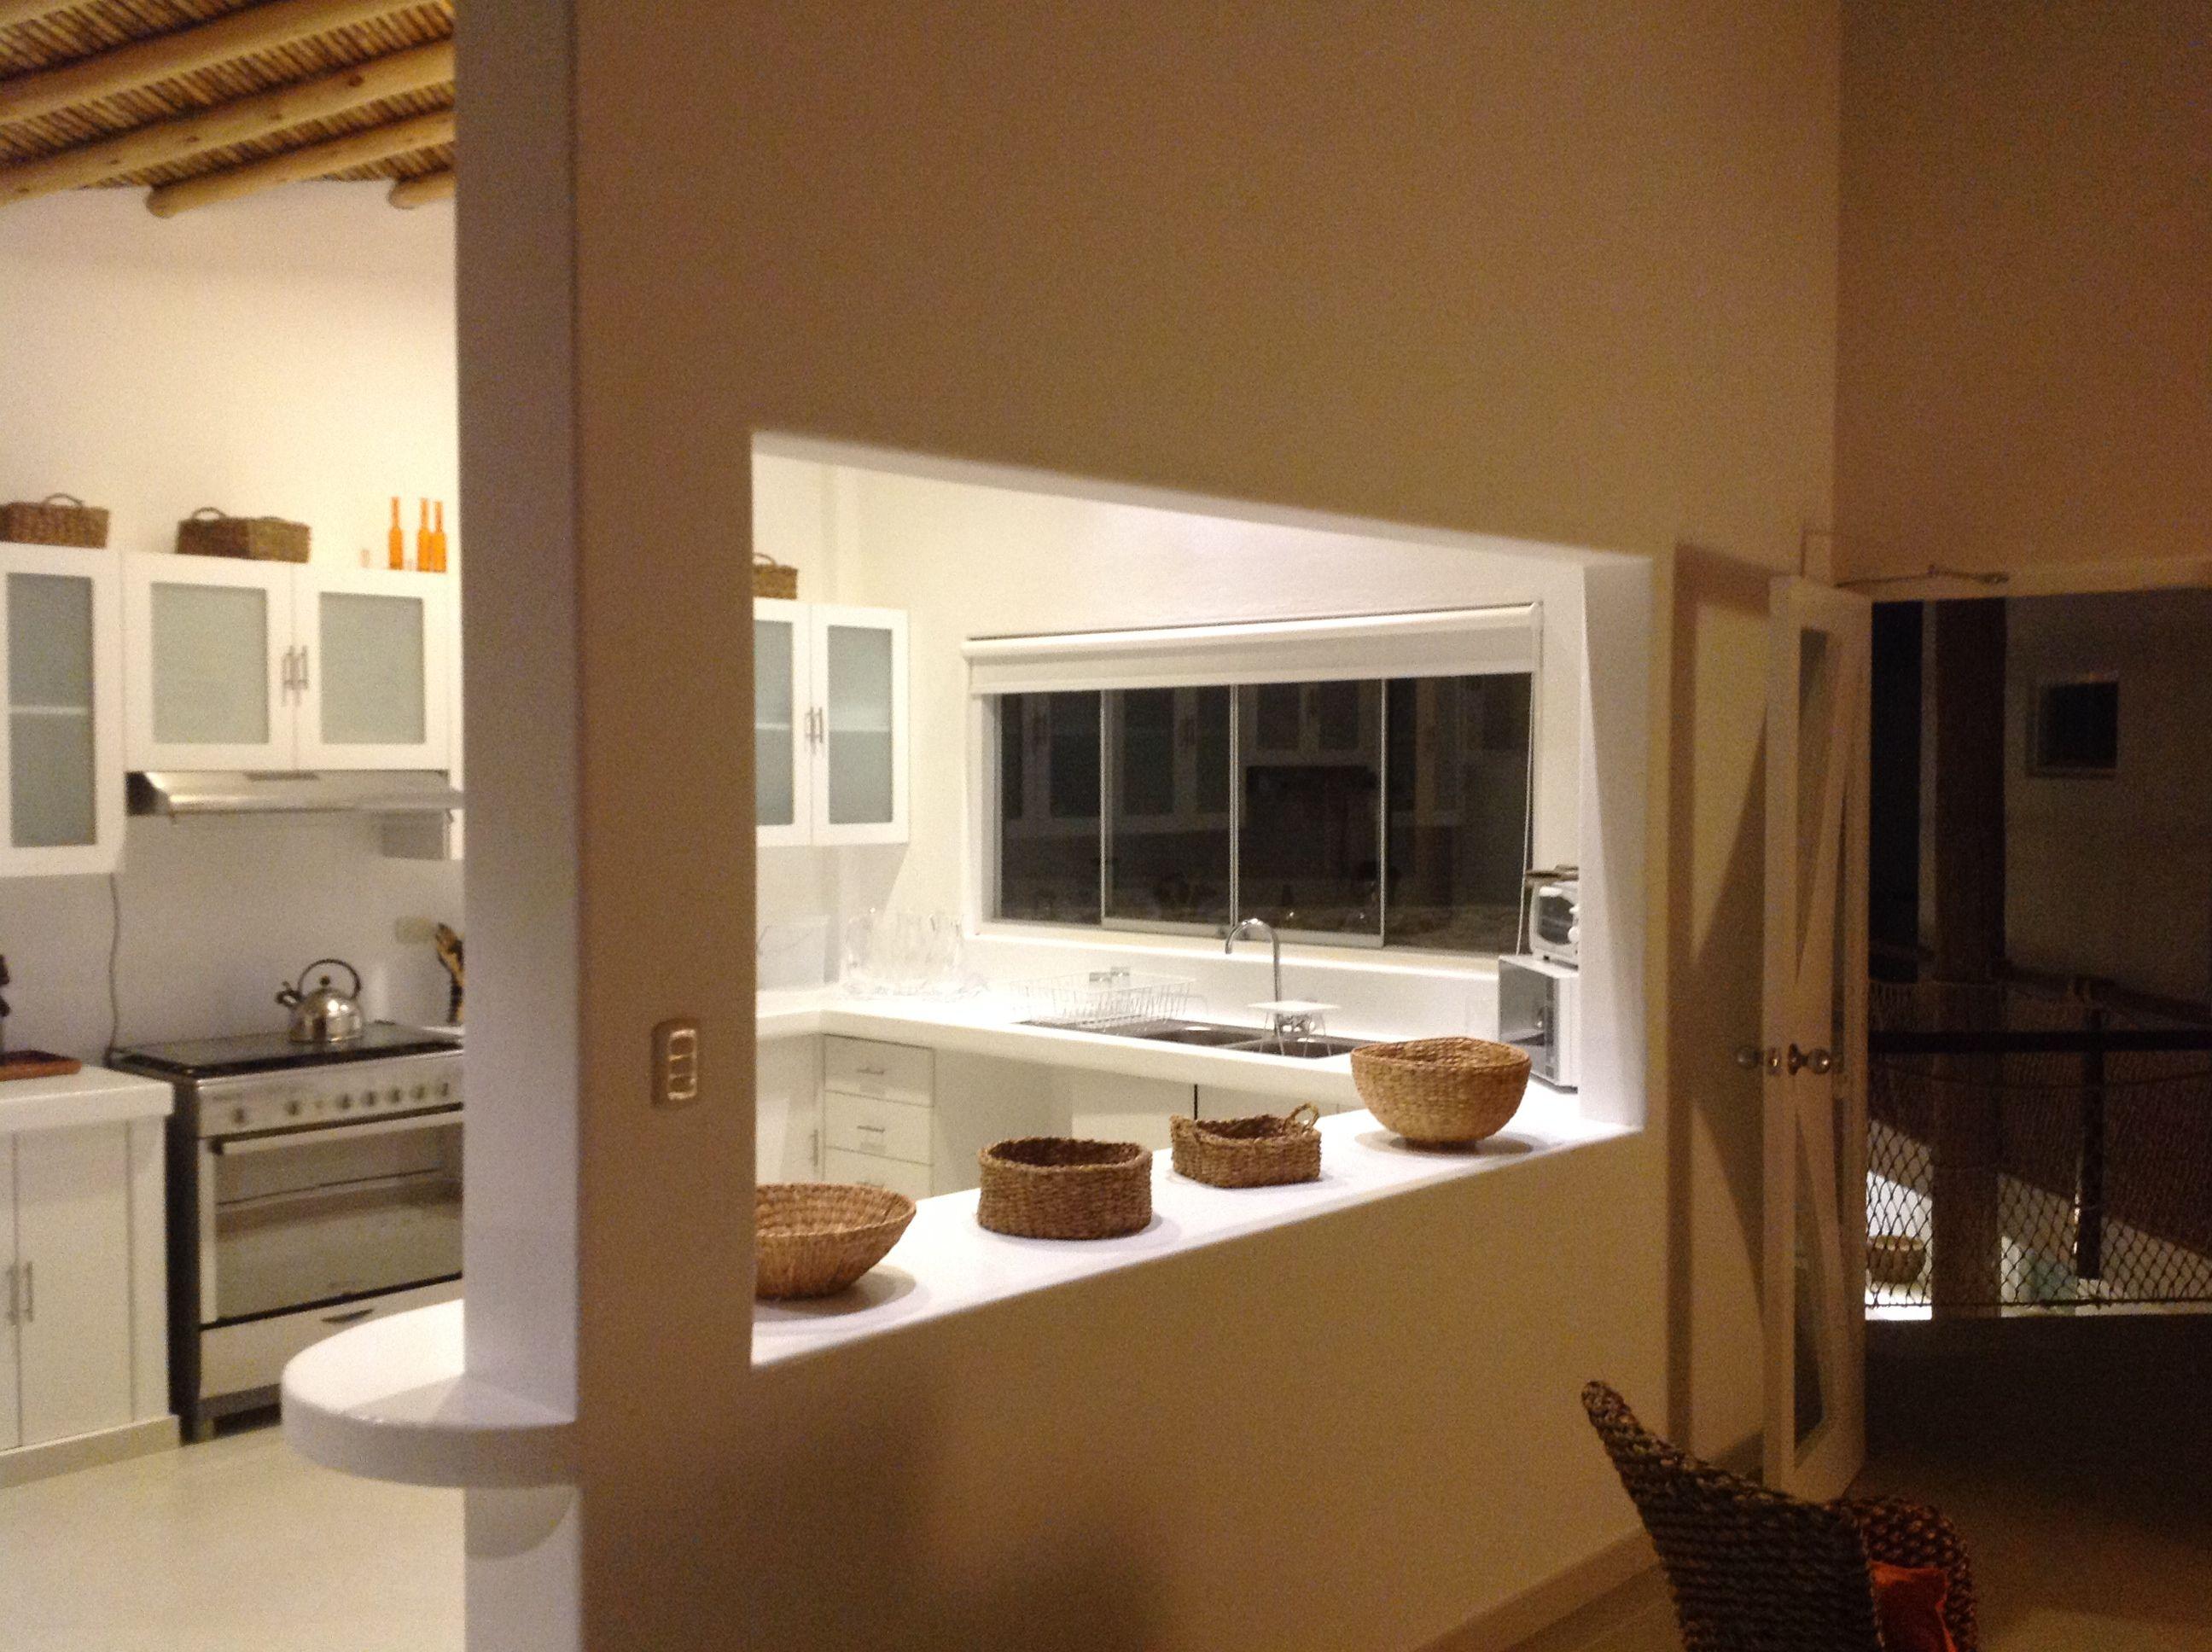 Cocina y entrada al apartamento | Cocina, Comedor, Mesas, Sillas ...